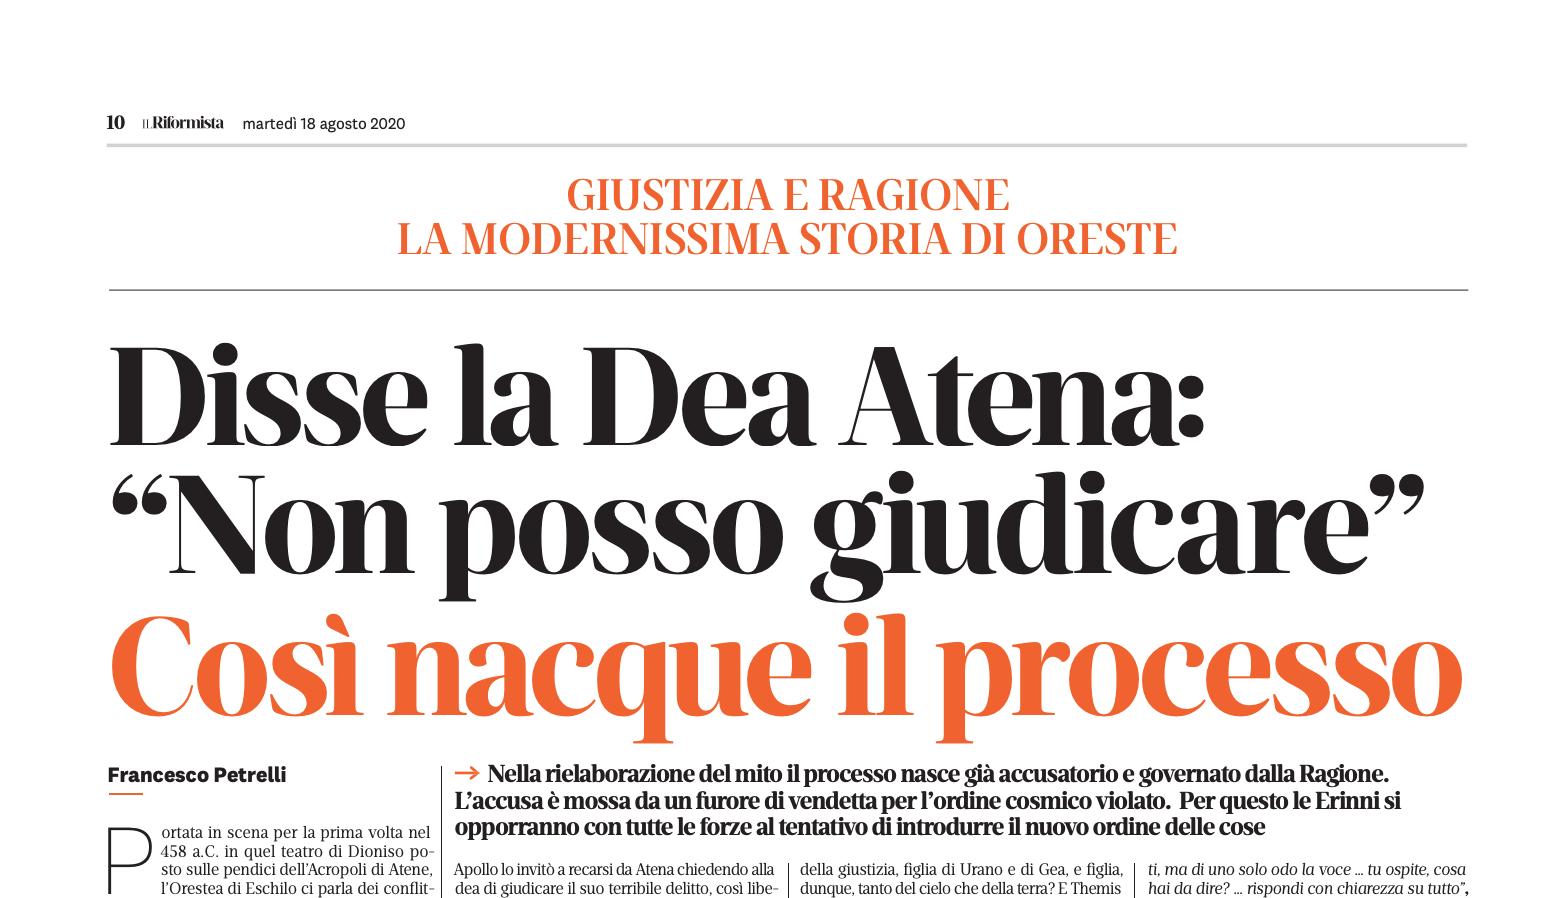 """DISSE LA DEA ATENA: """"NON POSSO GIUDICARE"""". COSÌ NACQUE IL PROCESSO – DI FRANCESCO PETRELLI"""